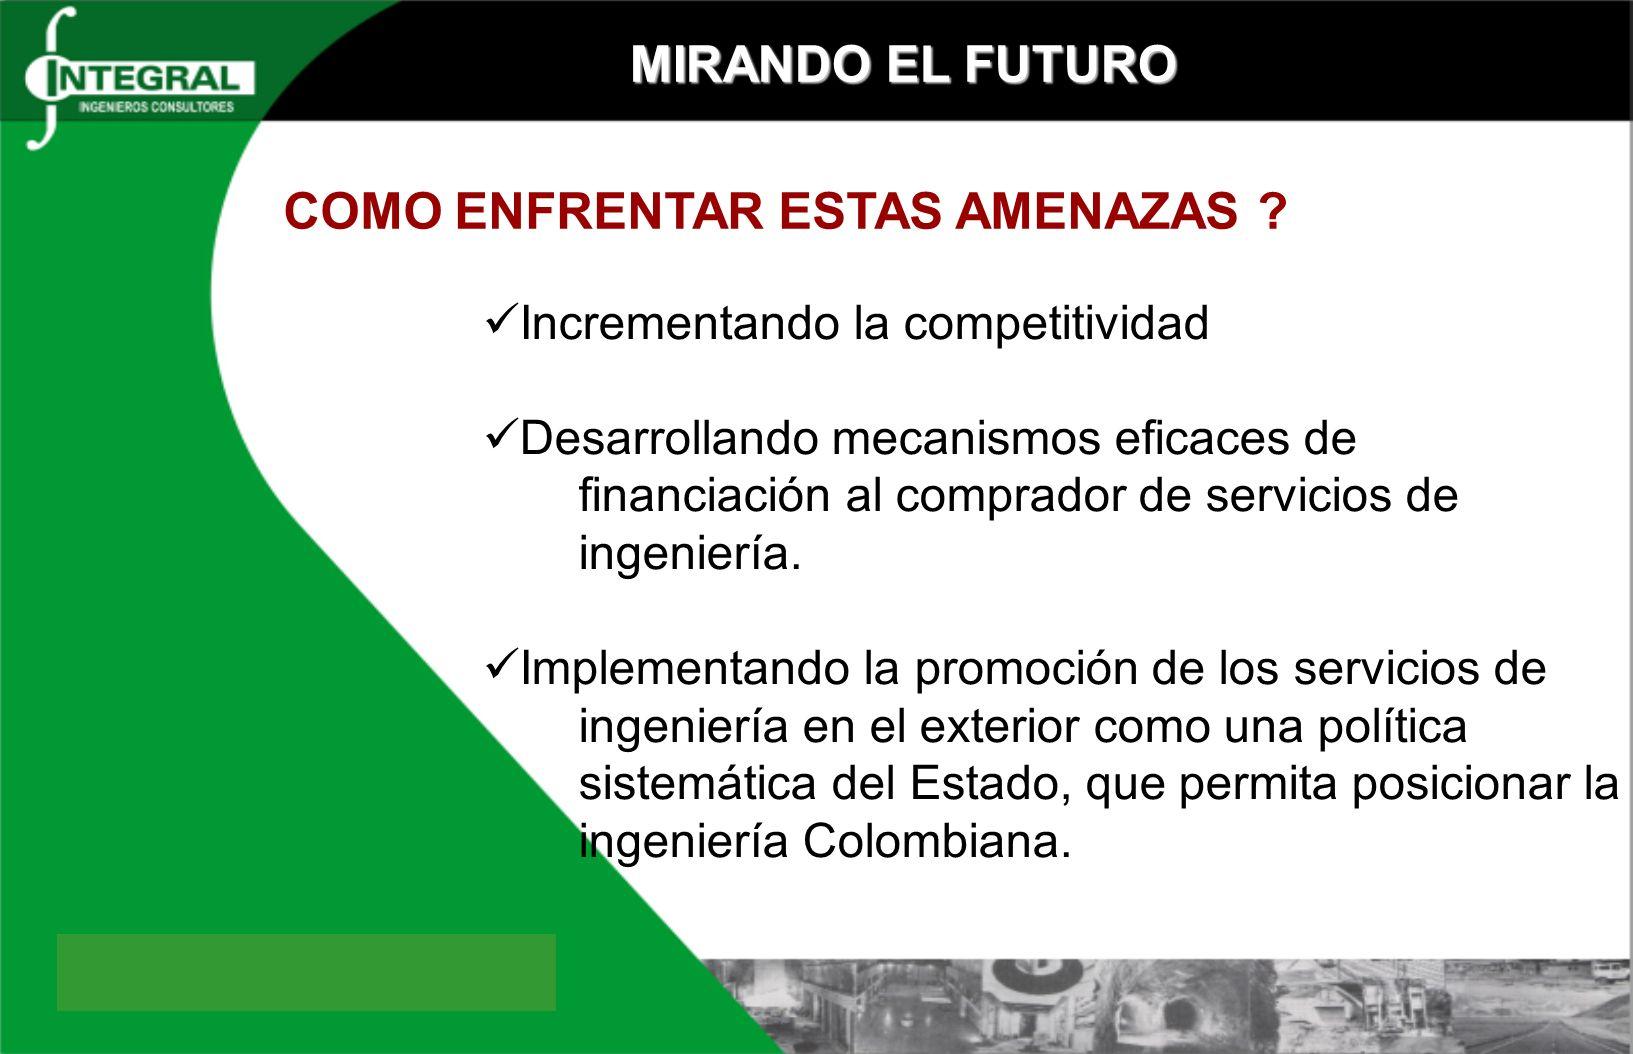 MIRANDO EL FUTURO Incrementando la competitividad Desarrollando mecanismos eficaces de financiación al comprador de servicios de ingeniería.